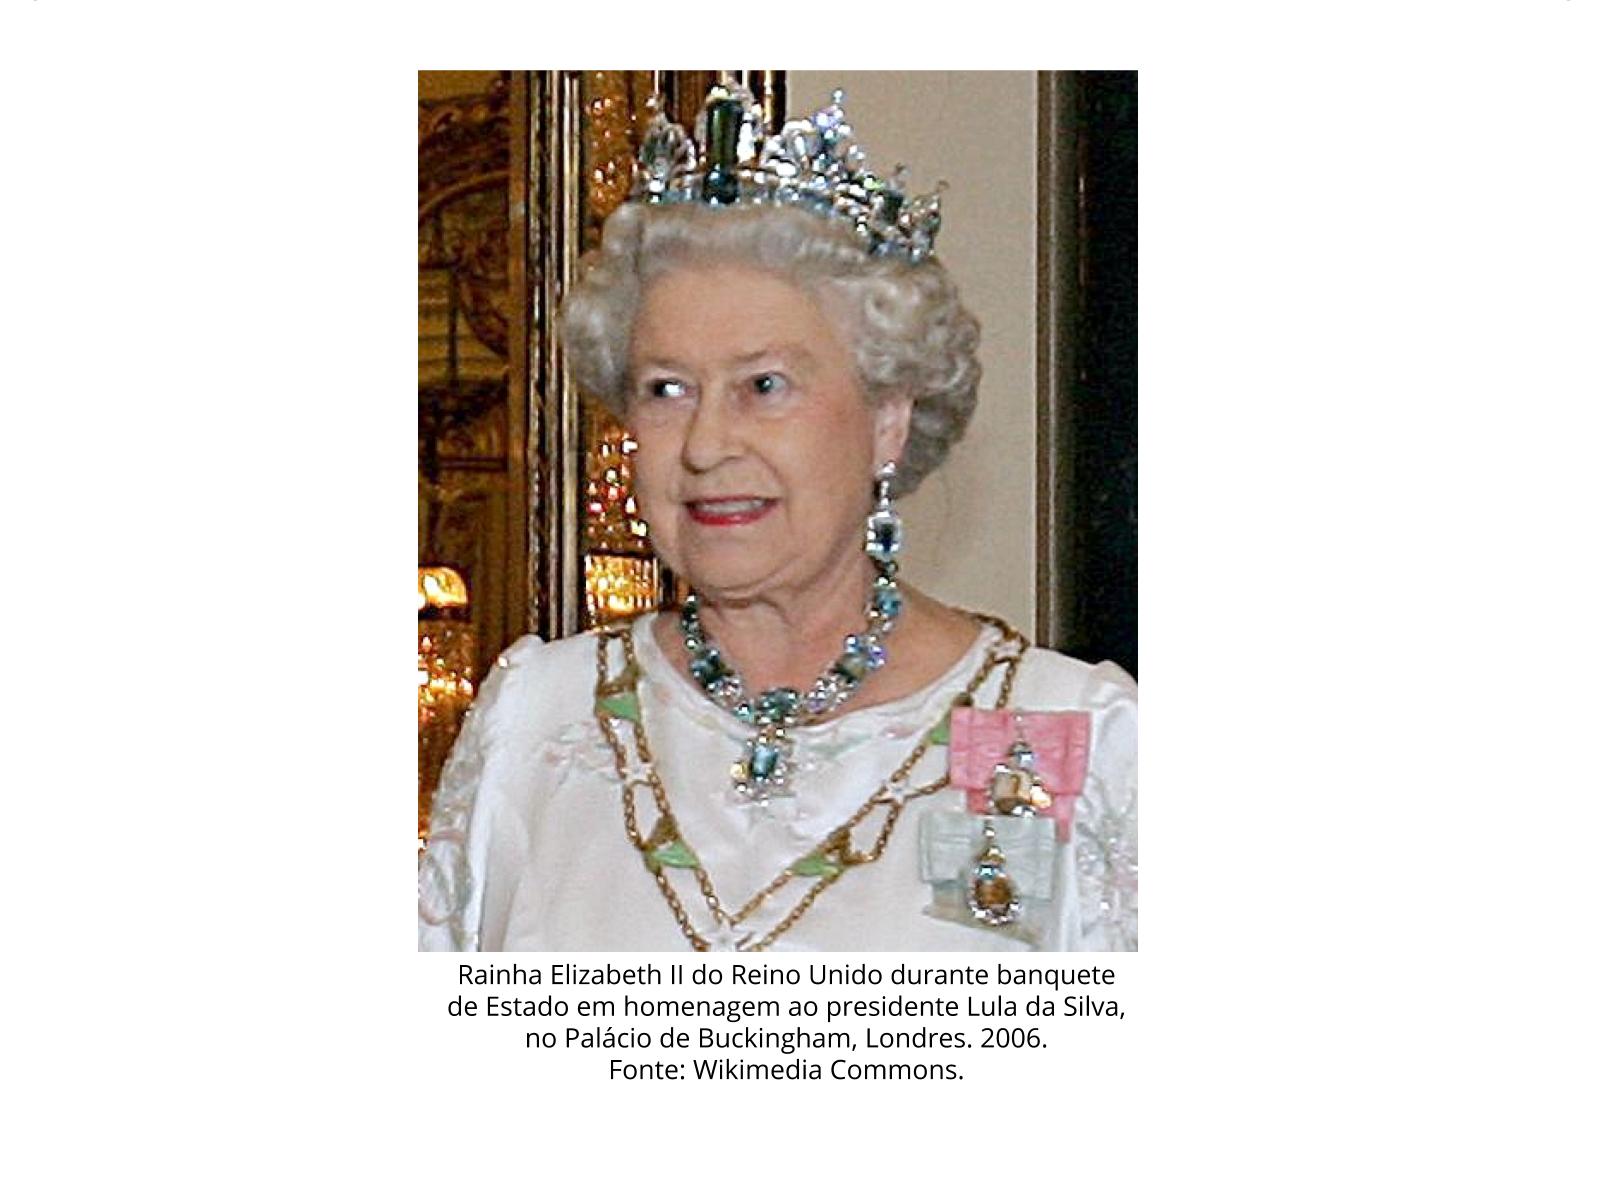 Revoluções inglesas: entendendo o papel do rei